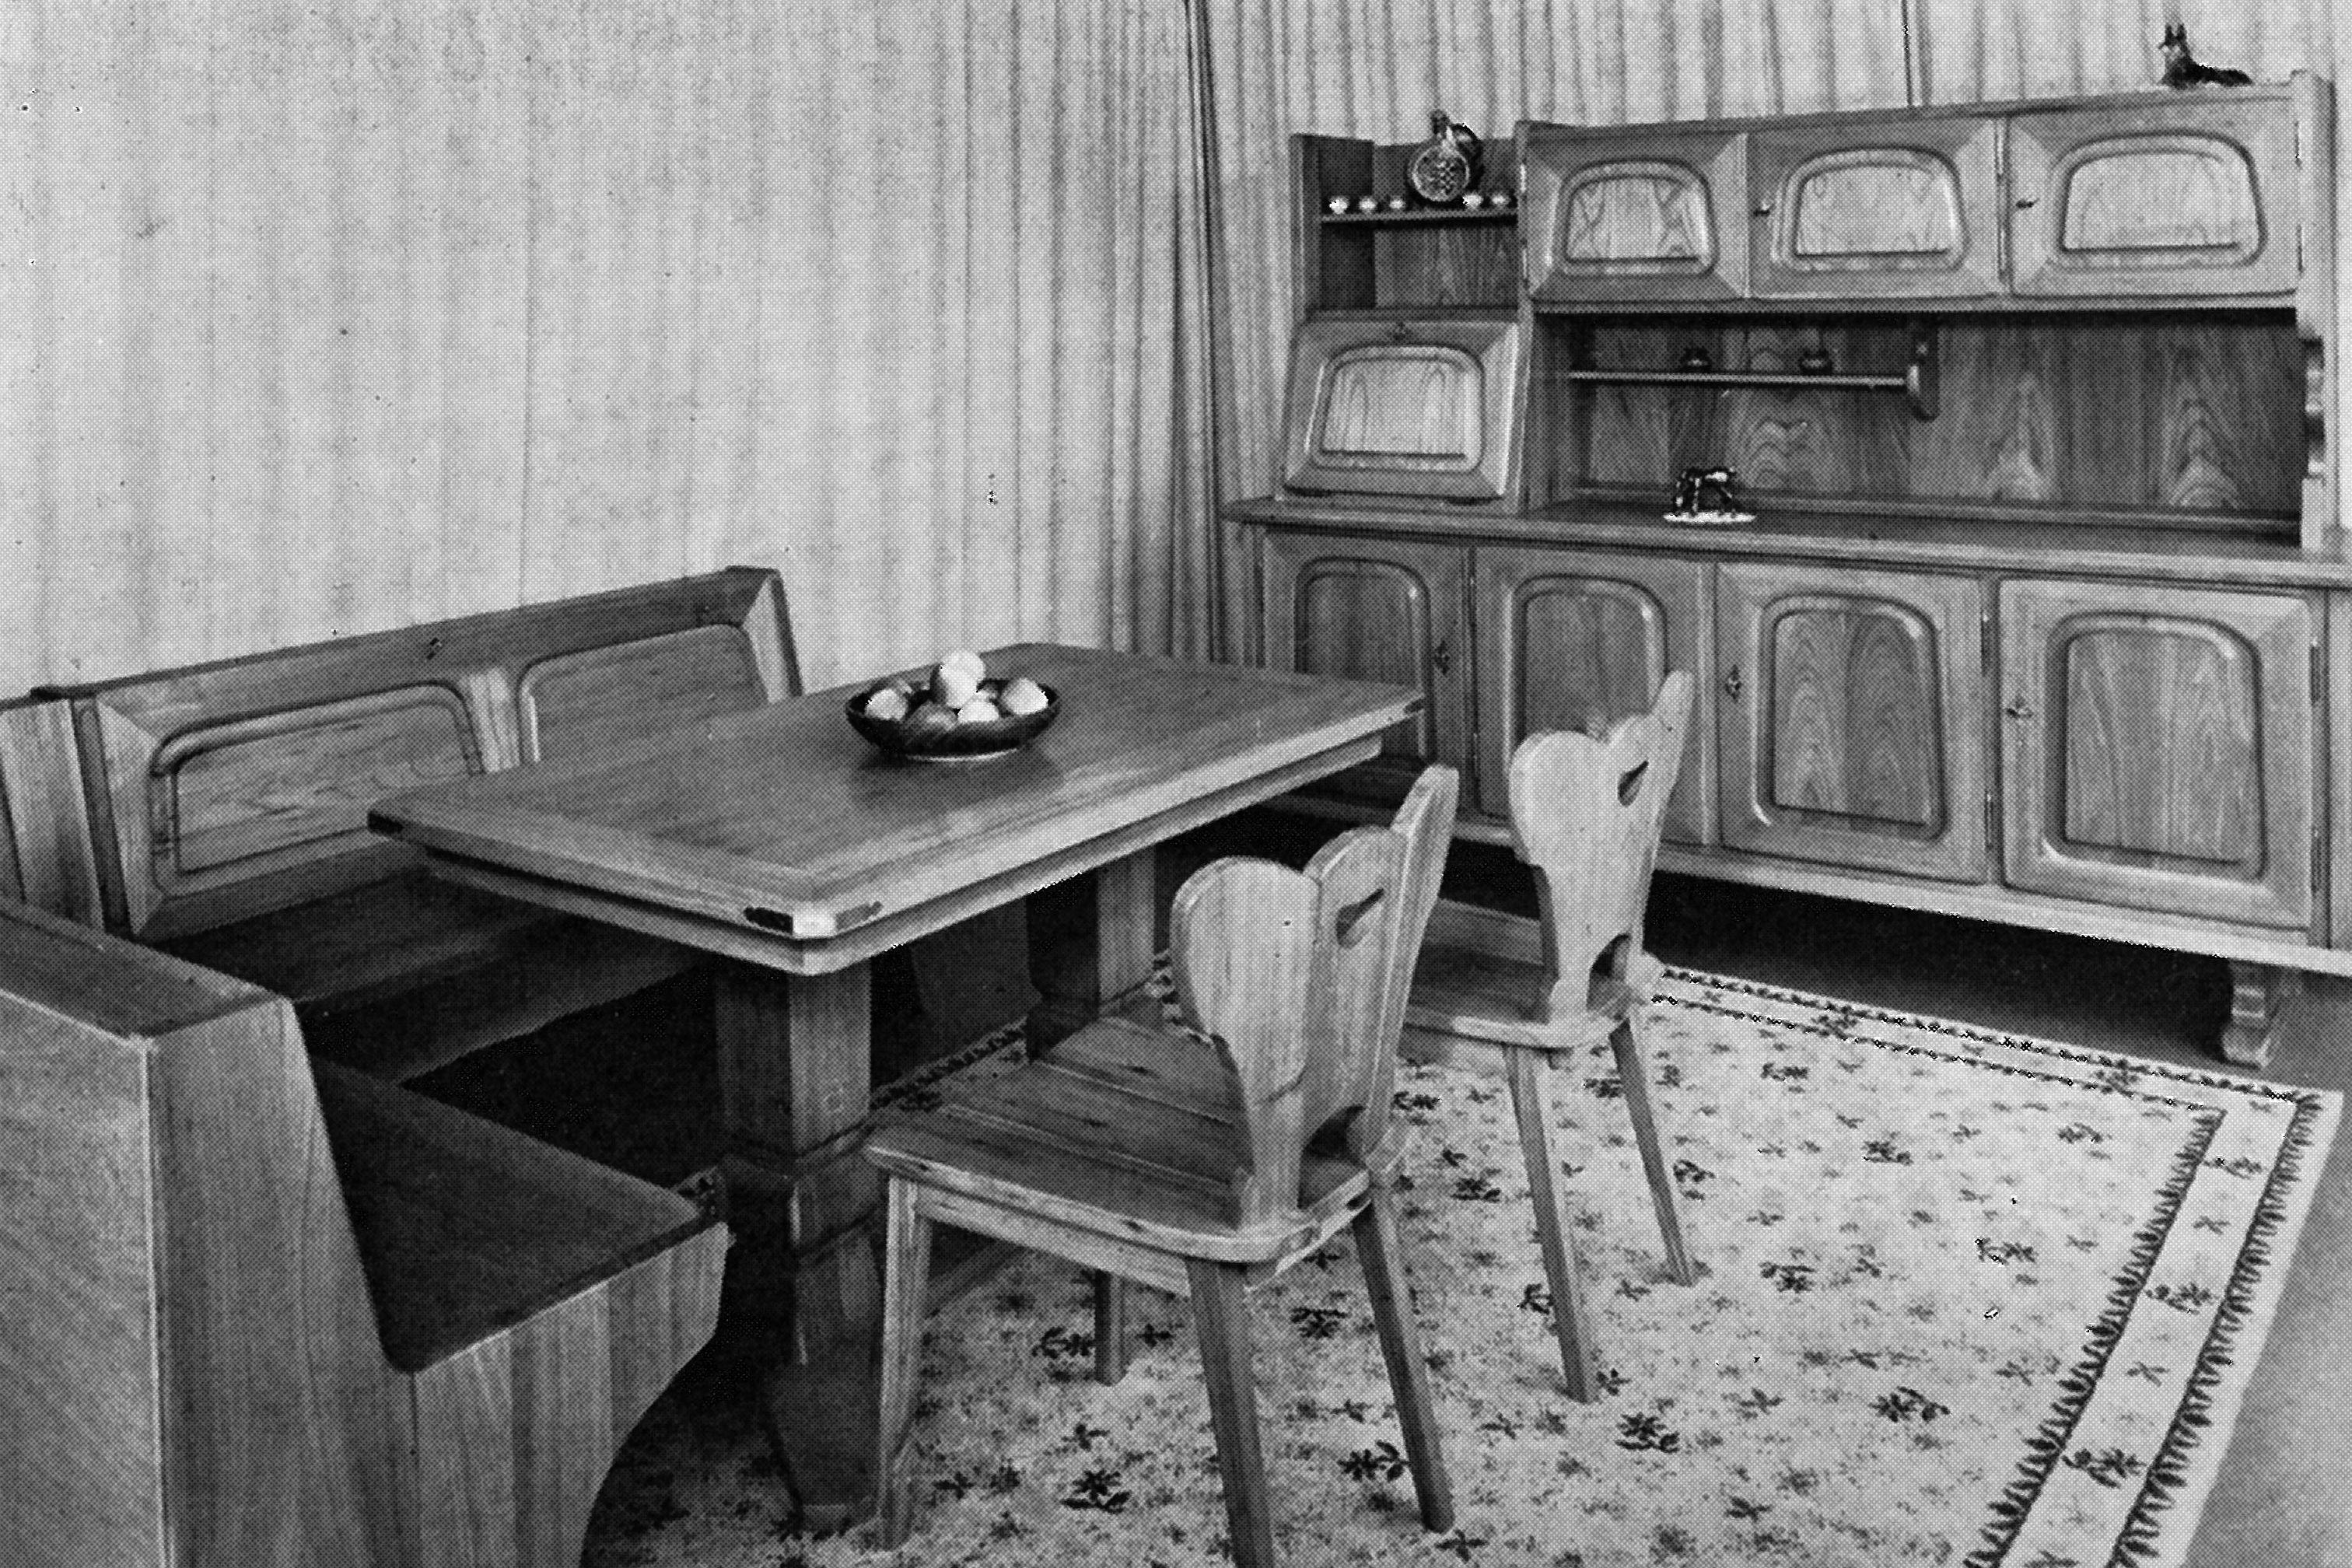 Wohnzimmereinrichtung von 1954